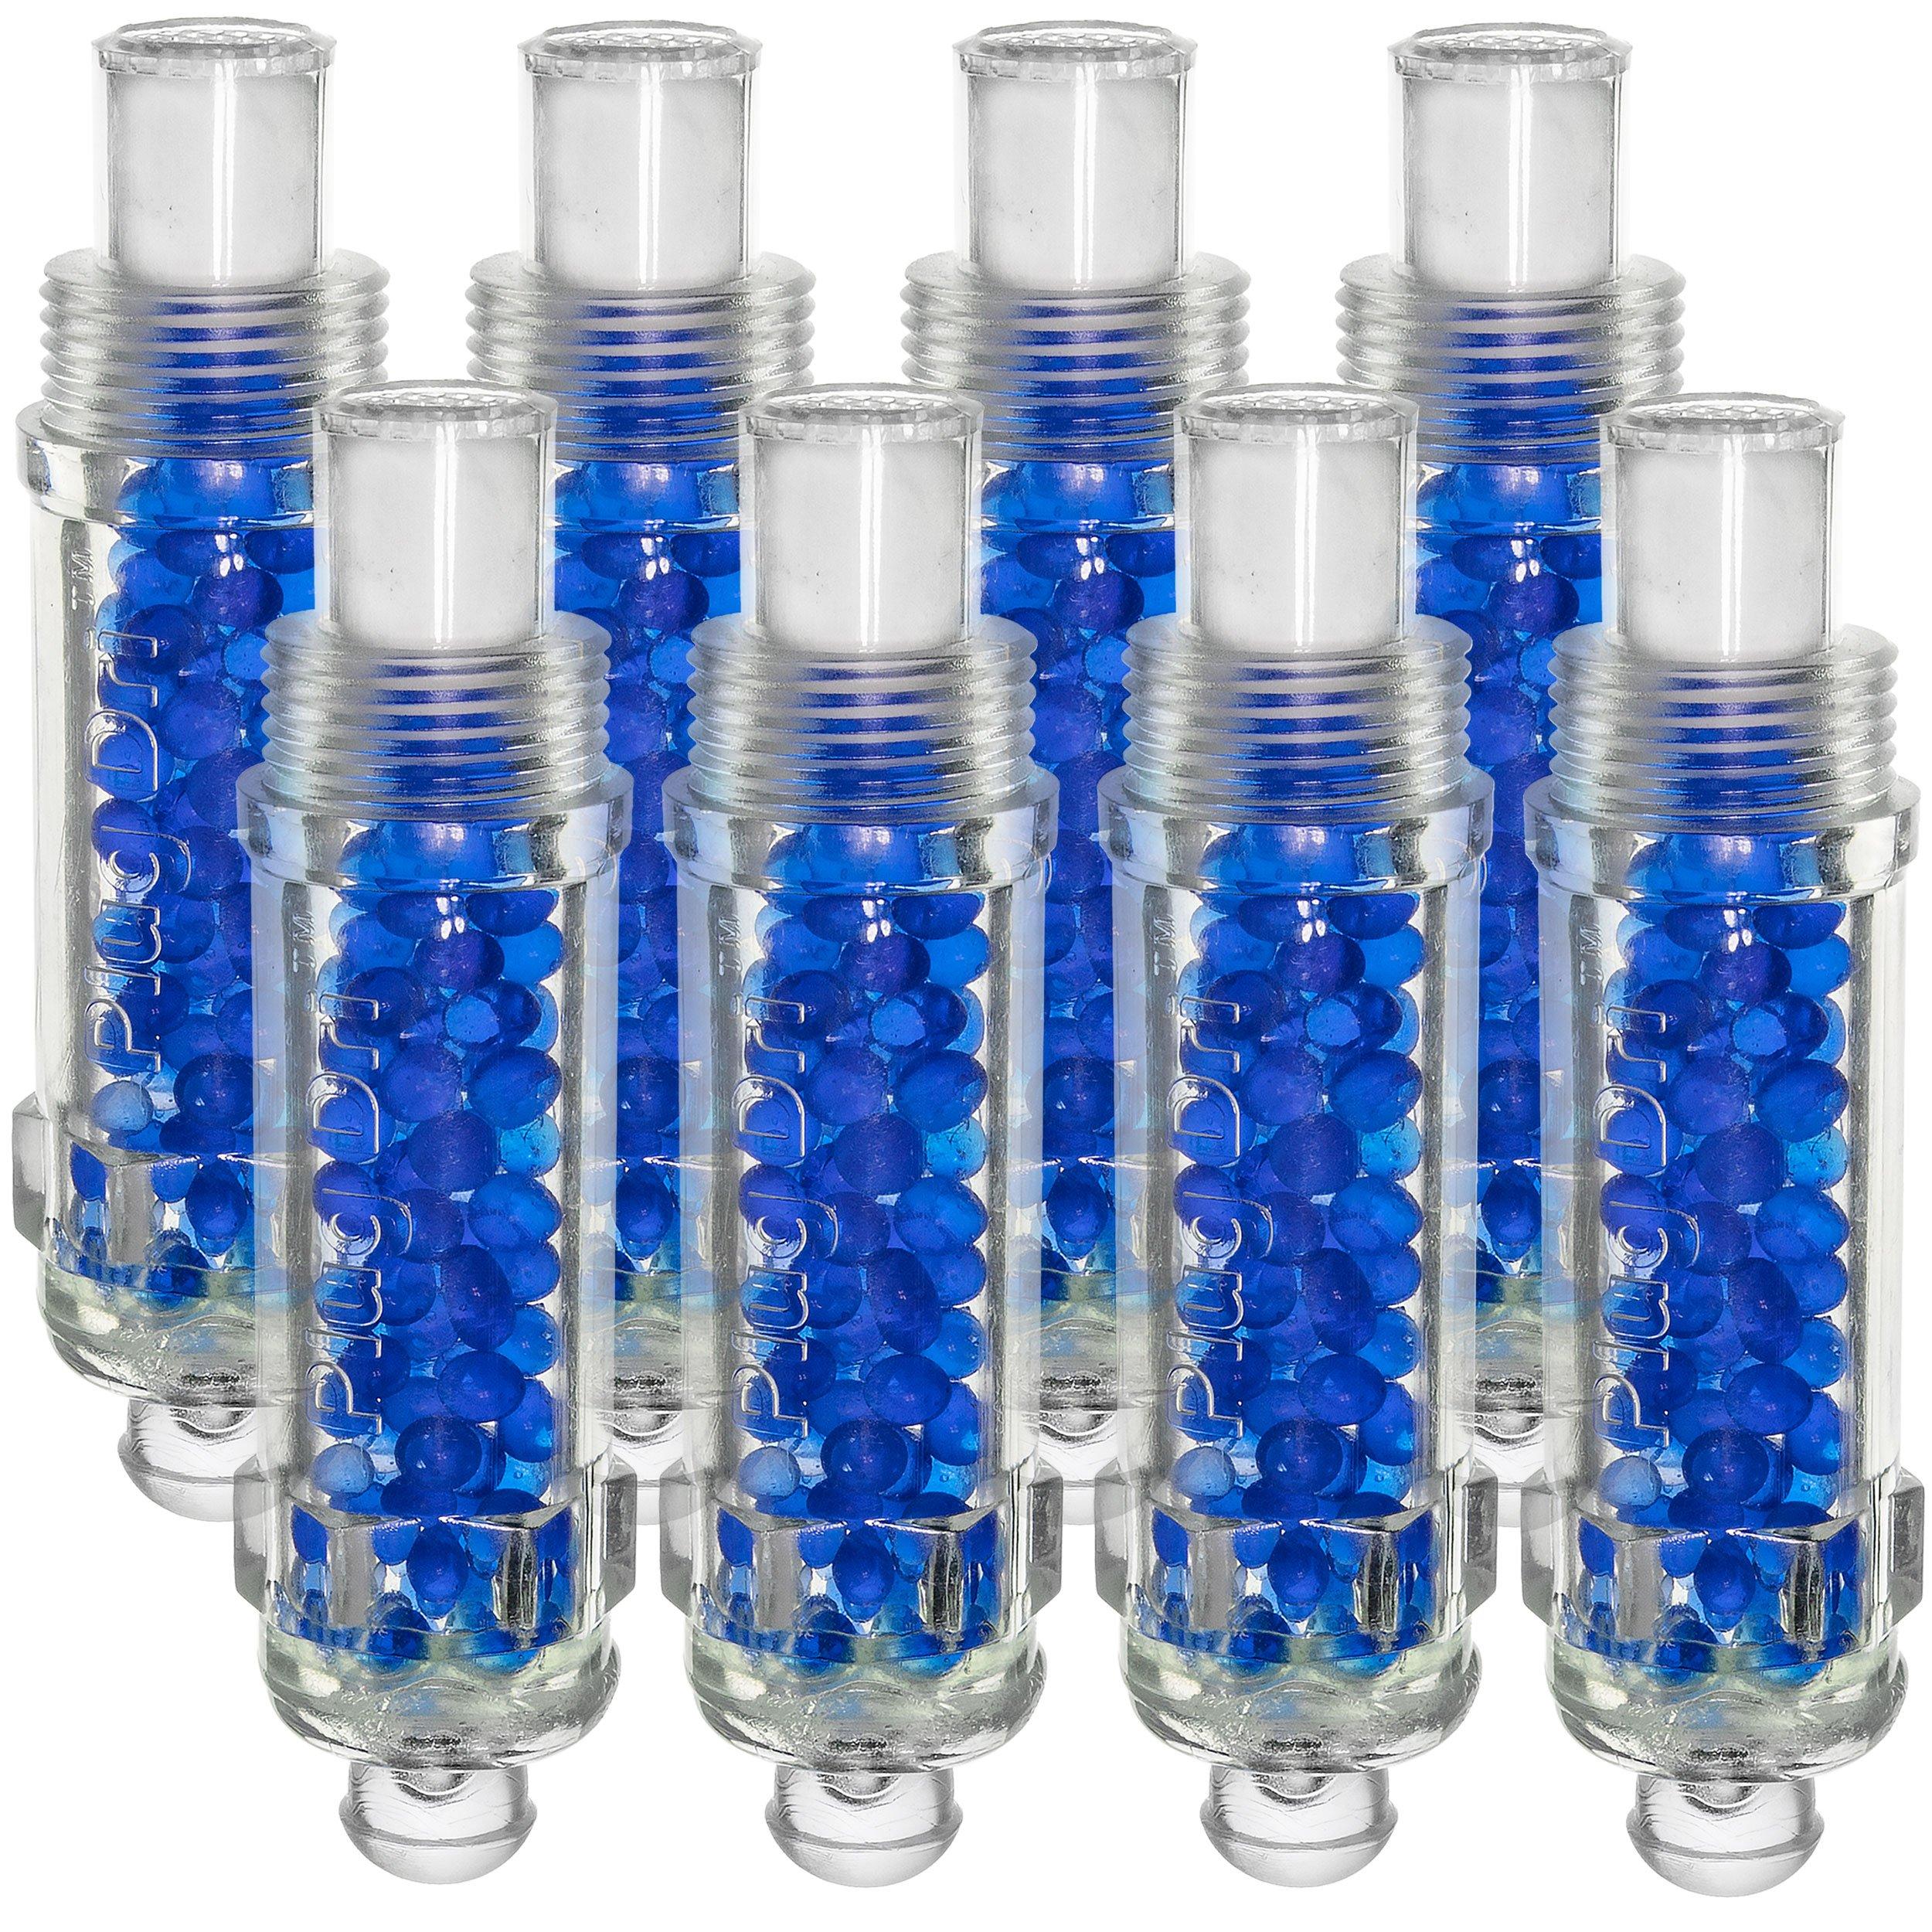 Plug-Dri 18mm Dehydrator Engine Desiccant Spark Plug, Set of 8 (Plug Dri Aircraft) by Plug Dri (Image #1)